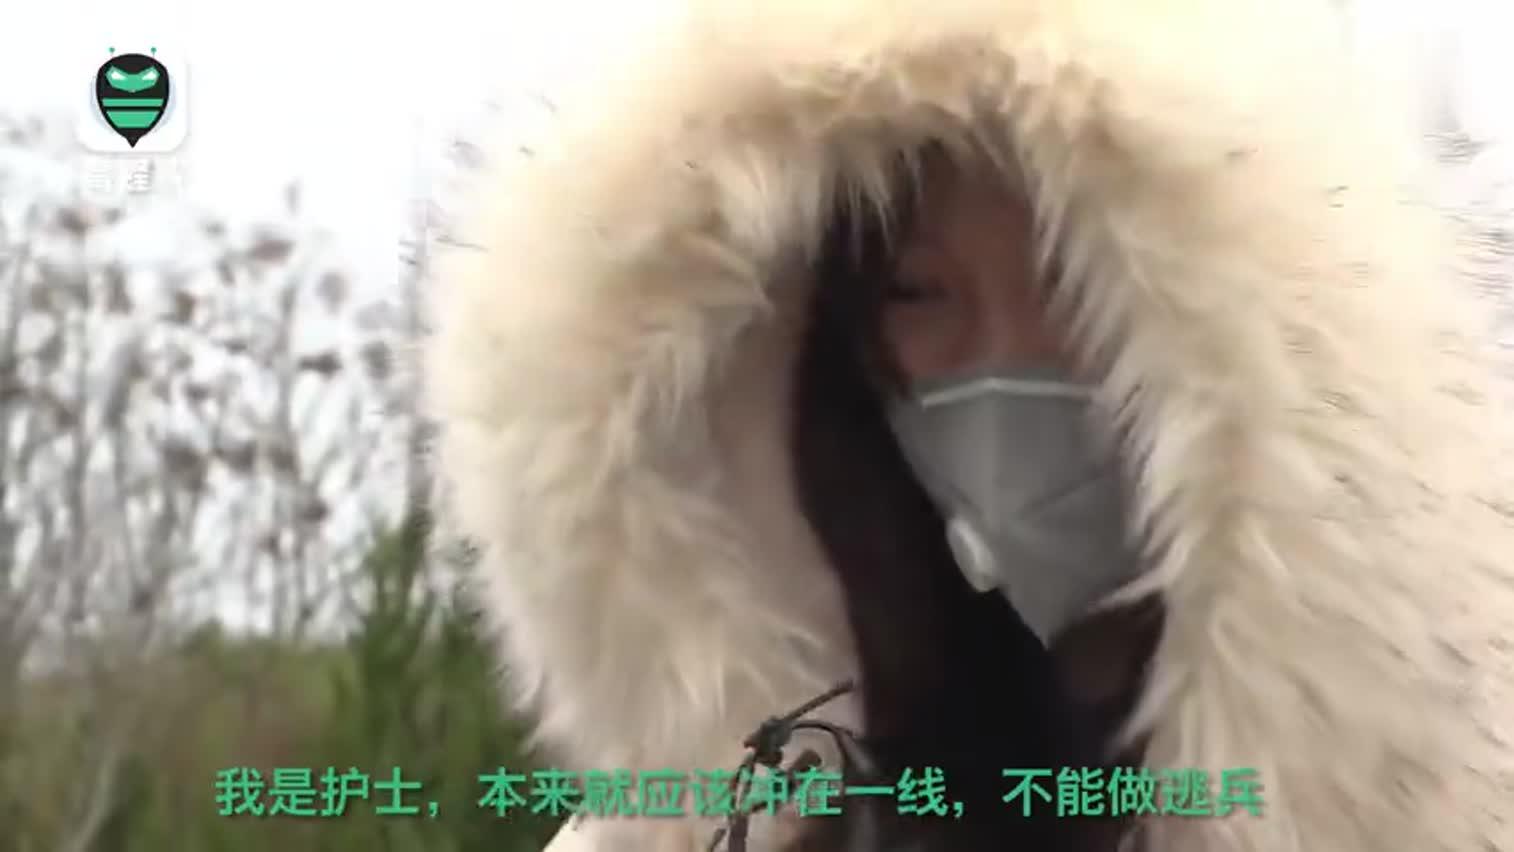 武汉大学中南医院护士放弃与家人过年 重返抗击疫情一线:不做逃兵